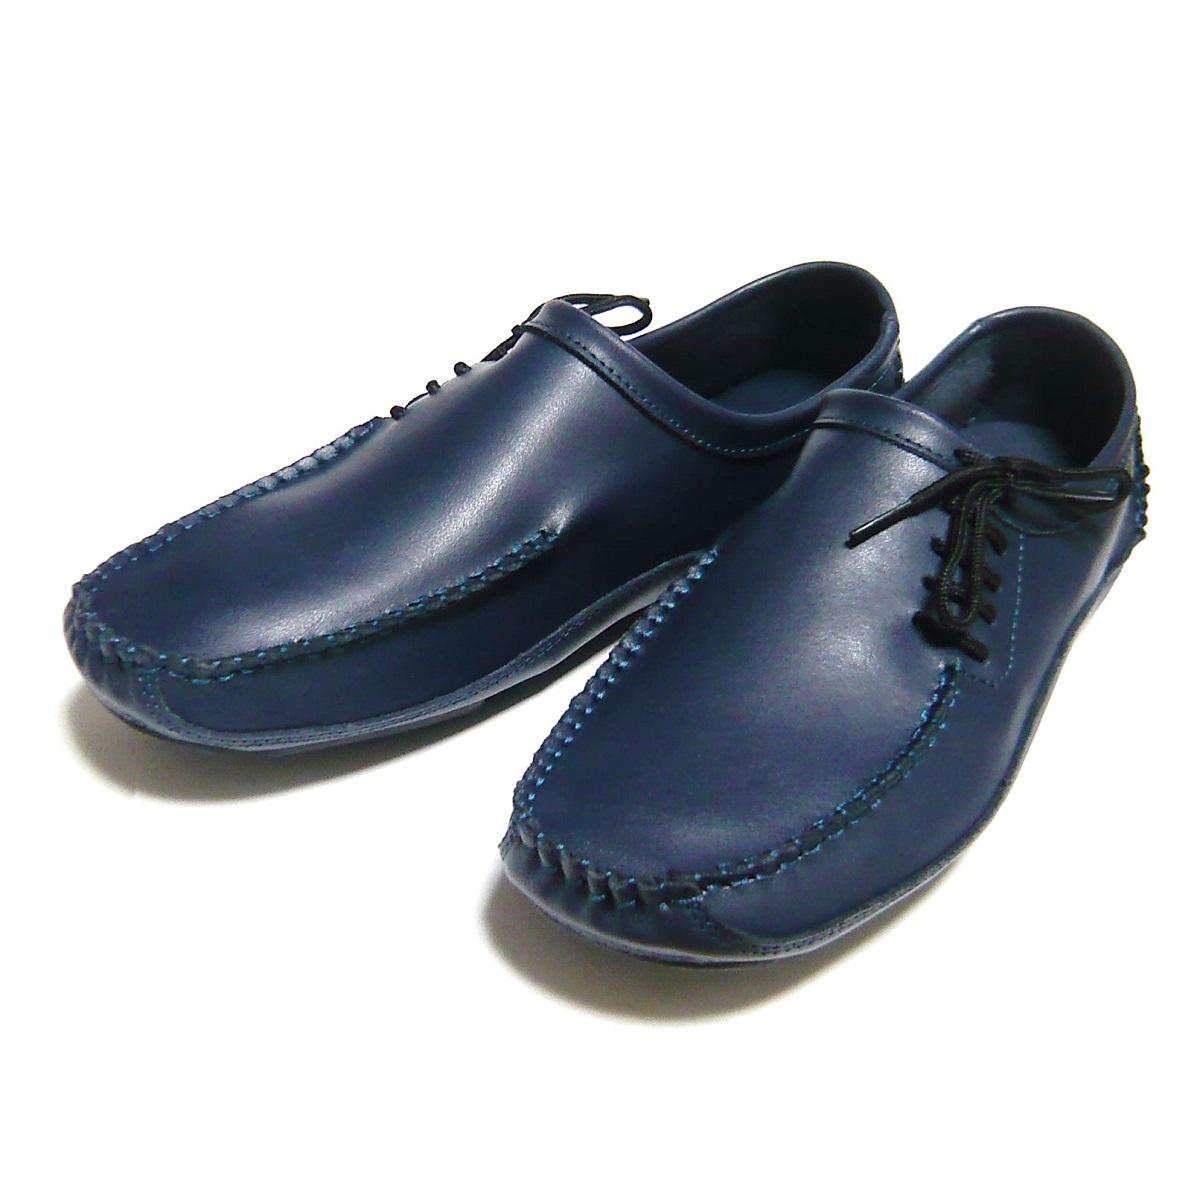 本革 ローファー スリップオン ドライビングシューズ メンズ デッキシューズ 軽量 モカシン 靴 カジュアルシューズ 手作り 紳士靴 ビジネスシューズ ローカット スリッポン